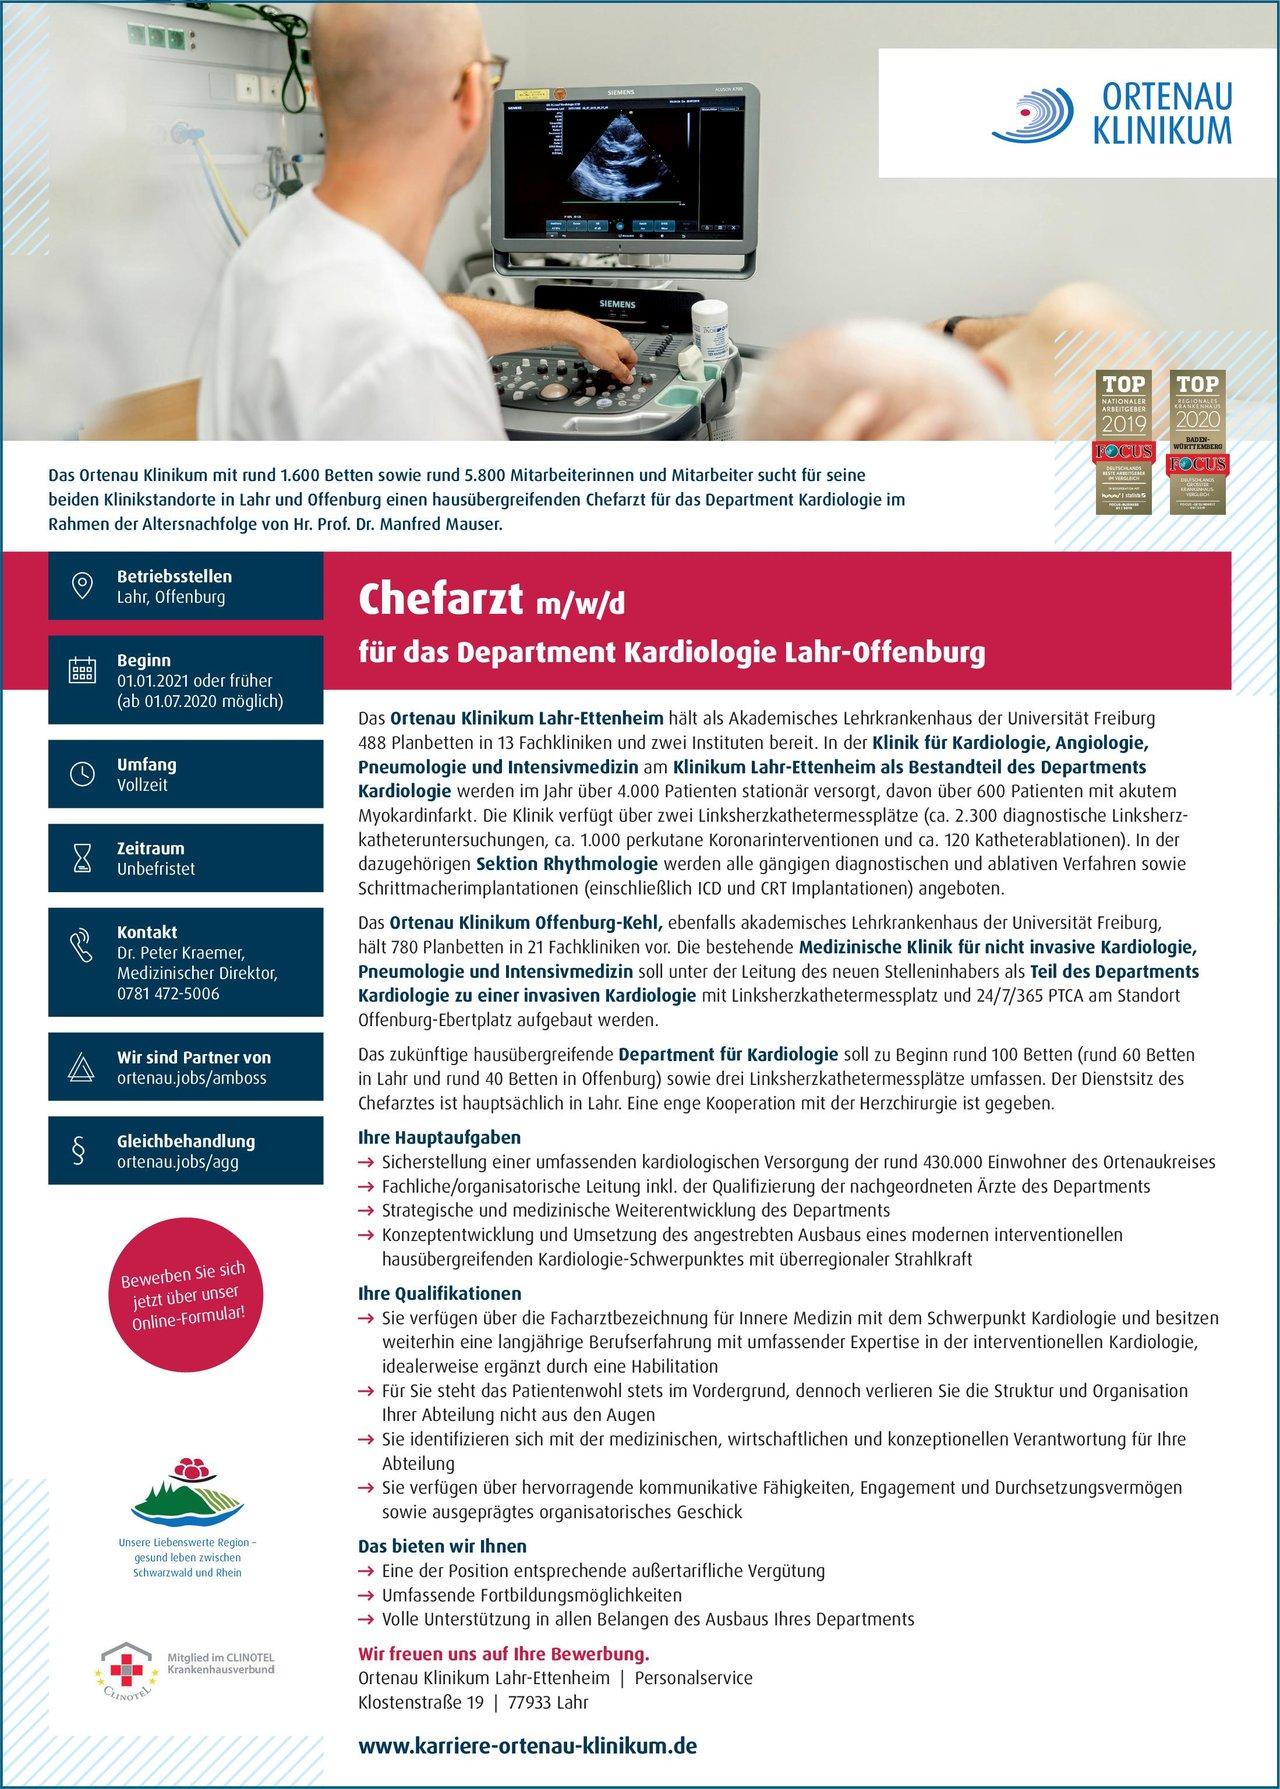 Ortenau Klinikum Lahr-Ettenheim Chefarzt m/w/d für das Department Kardiologie Lahr-Offenburg  Innere Medizin und Kardiologie, Innere Medizin Chefarzt